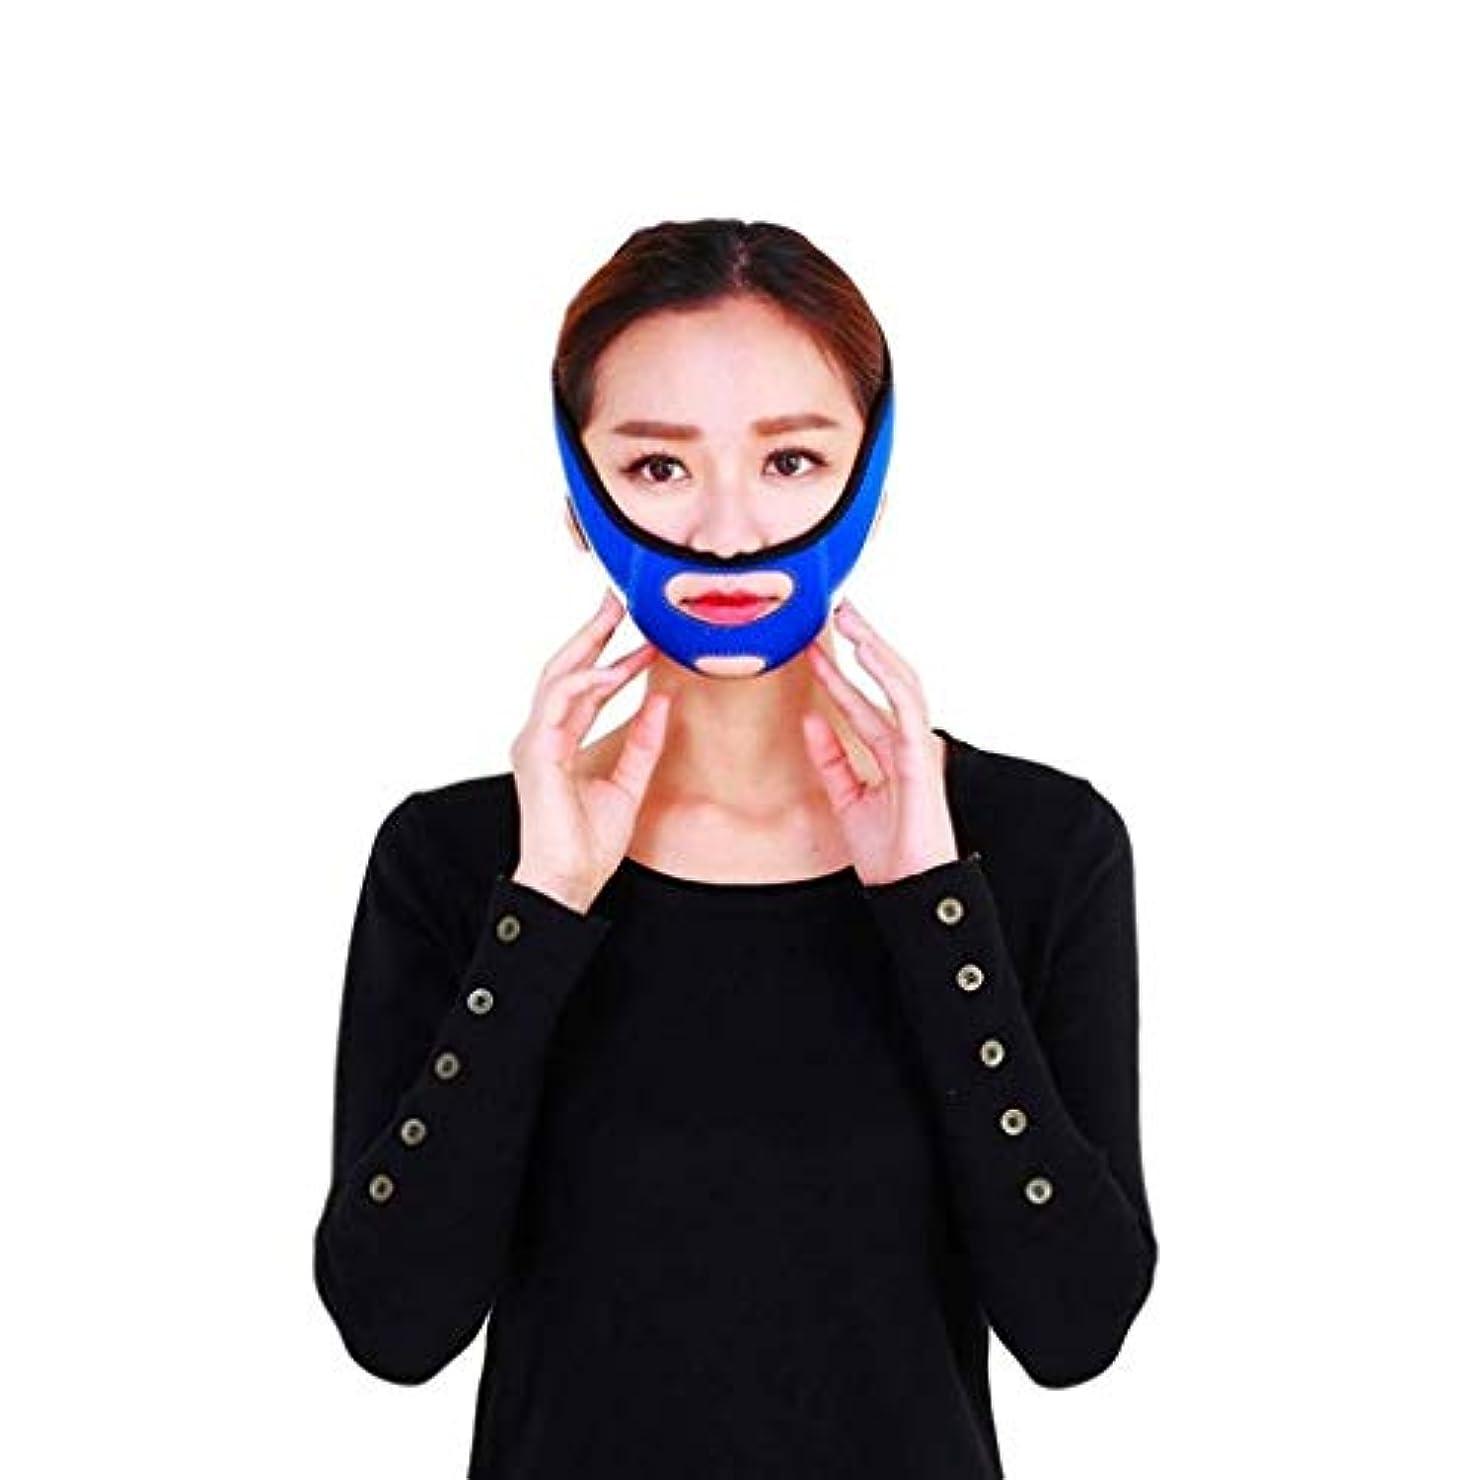 入り口知り合いになるに対してVフェイスラインベルトチンチークスリムリフトアップアンチリンクルマスク超薄型ストラップバンドVフェイスラインベルトストラップバンド通気性